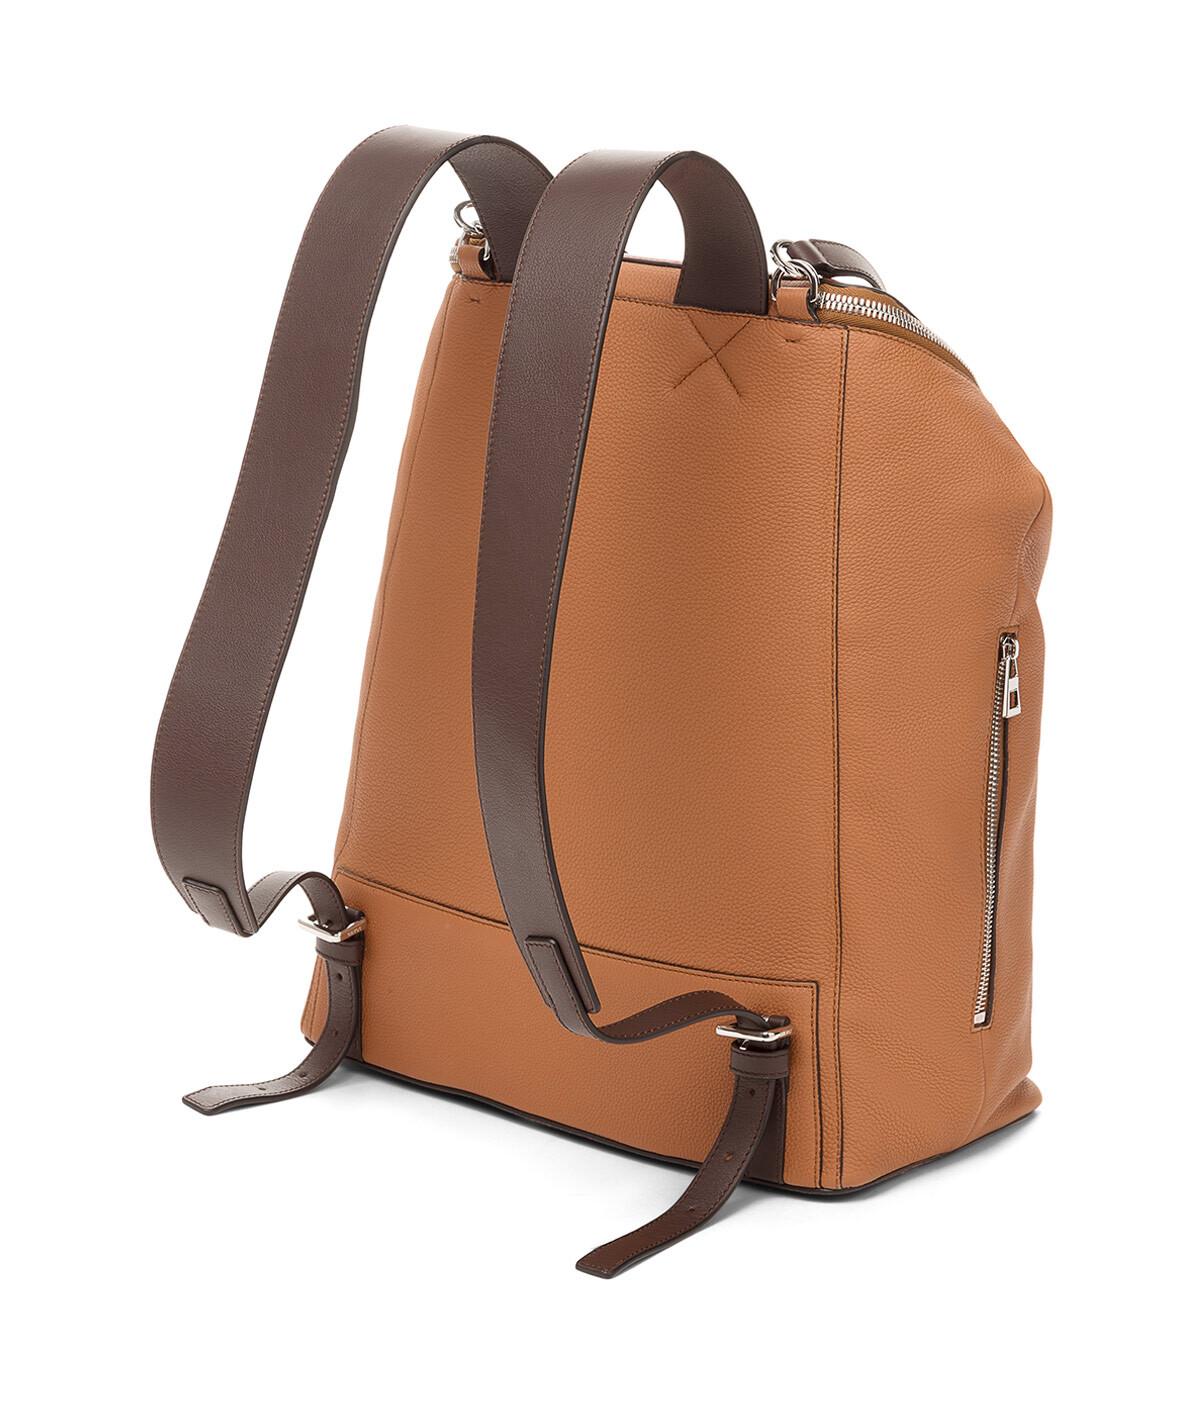 Goya Backpack